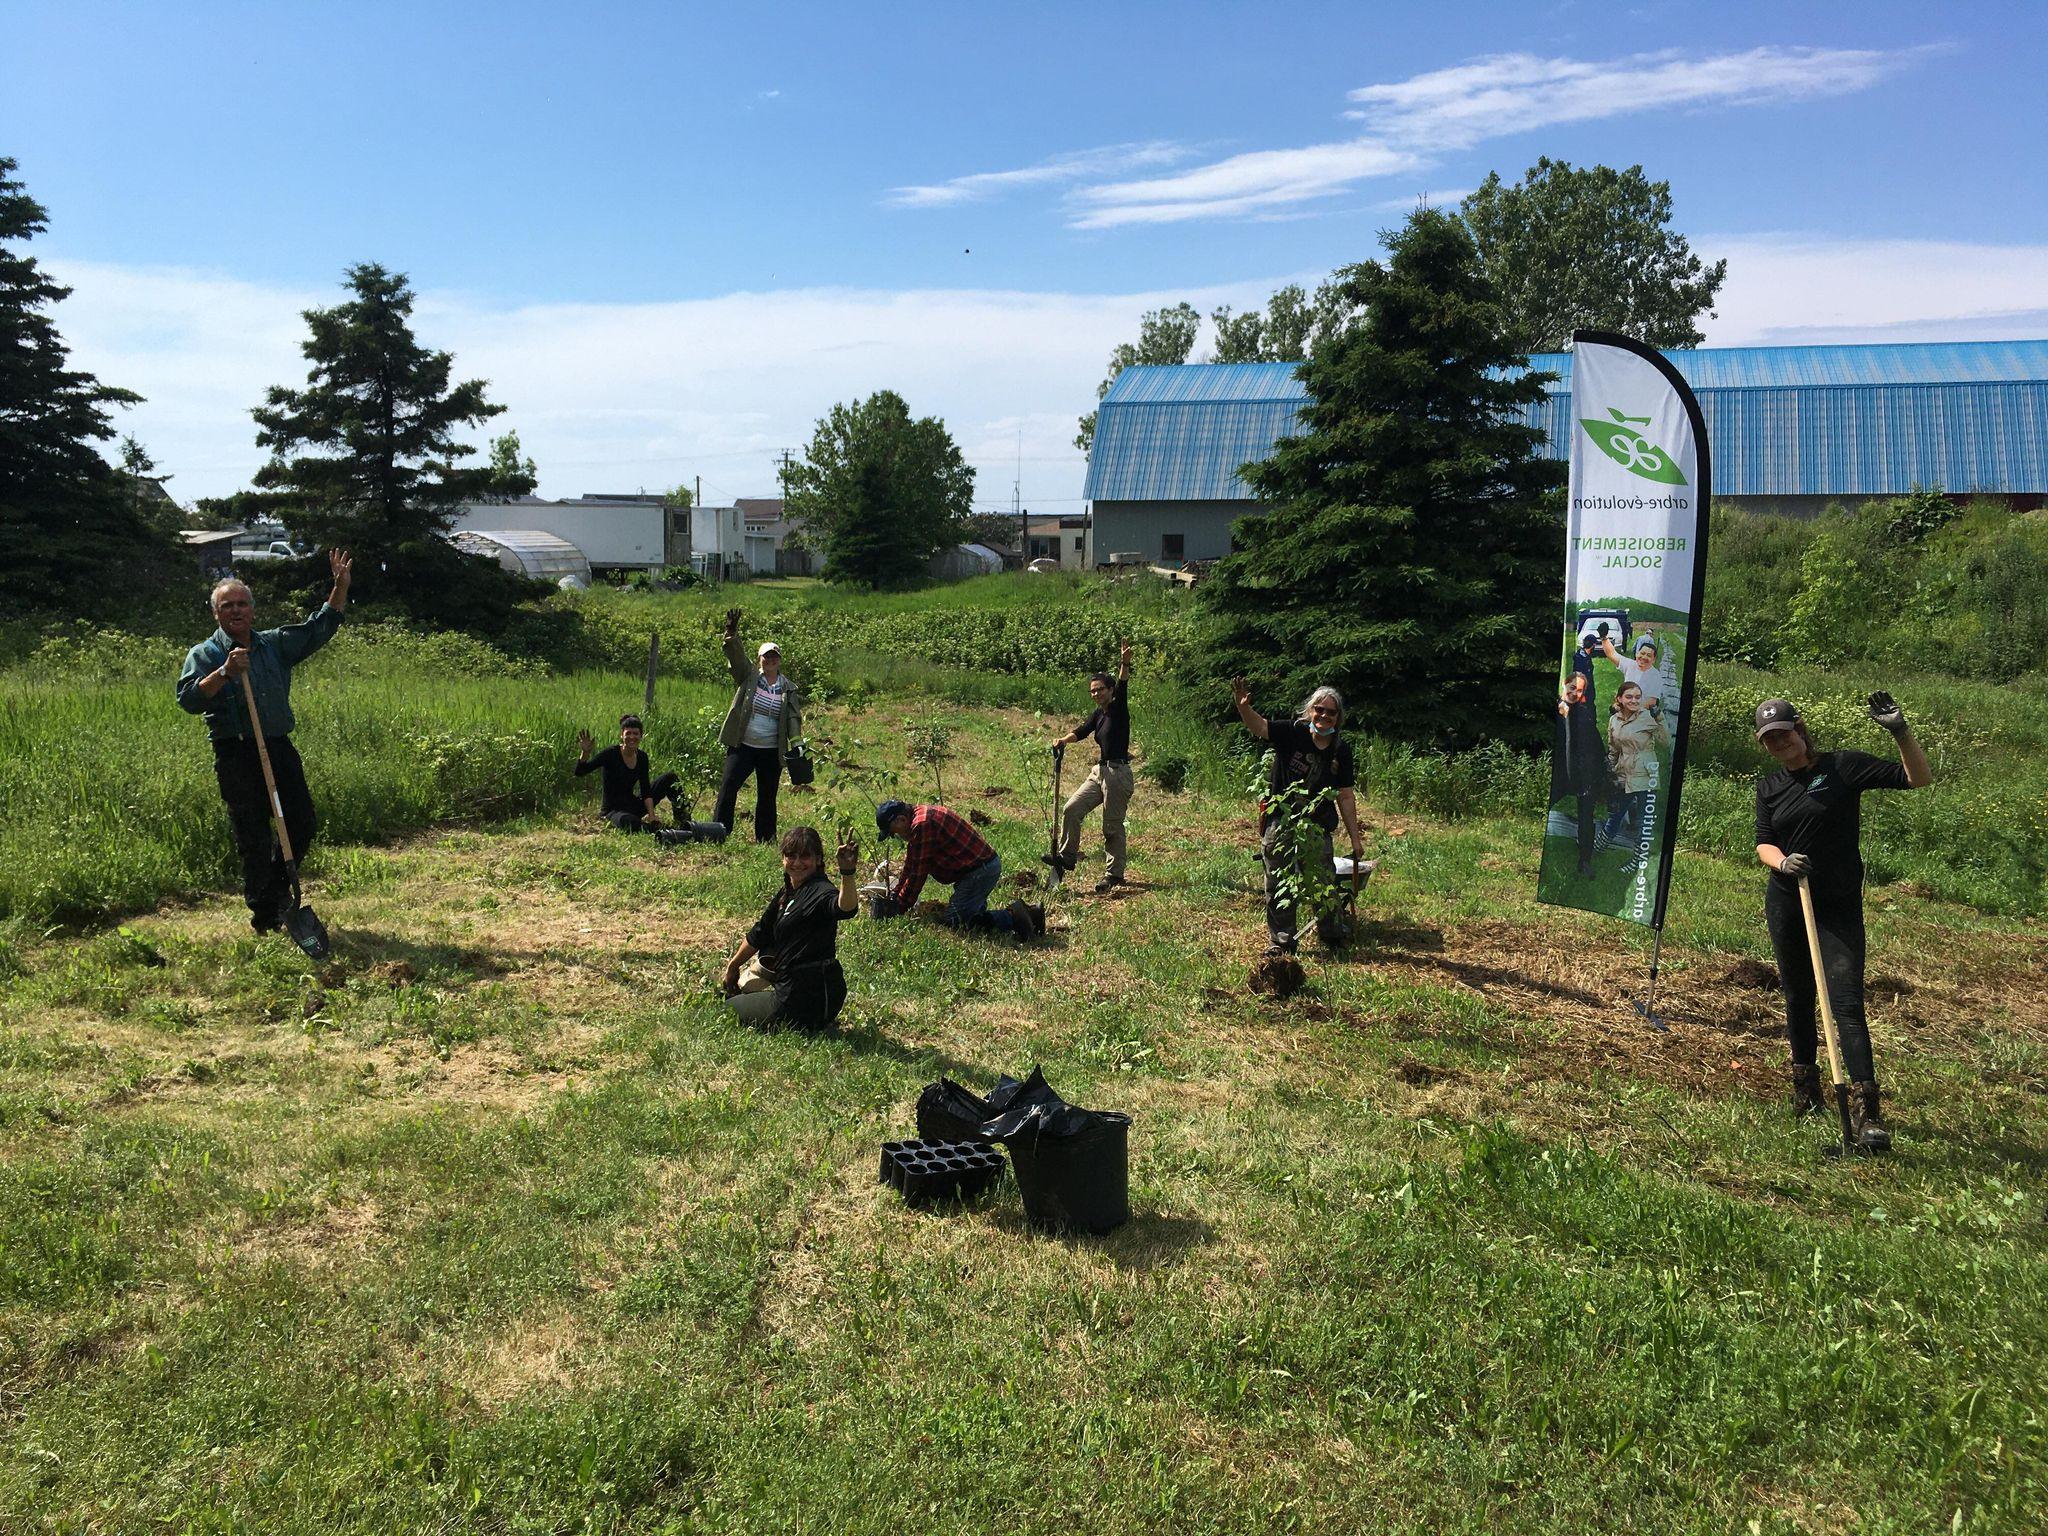 L'équipe d'Arbre-Évolution, des employés municipaux et des bénévoles ont planté 200 végétaux, le 19 juin, à Sainte-Flavie. Cinq secteurs de la municipalité ont été reboisés.